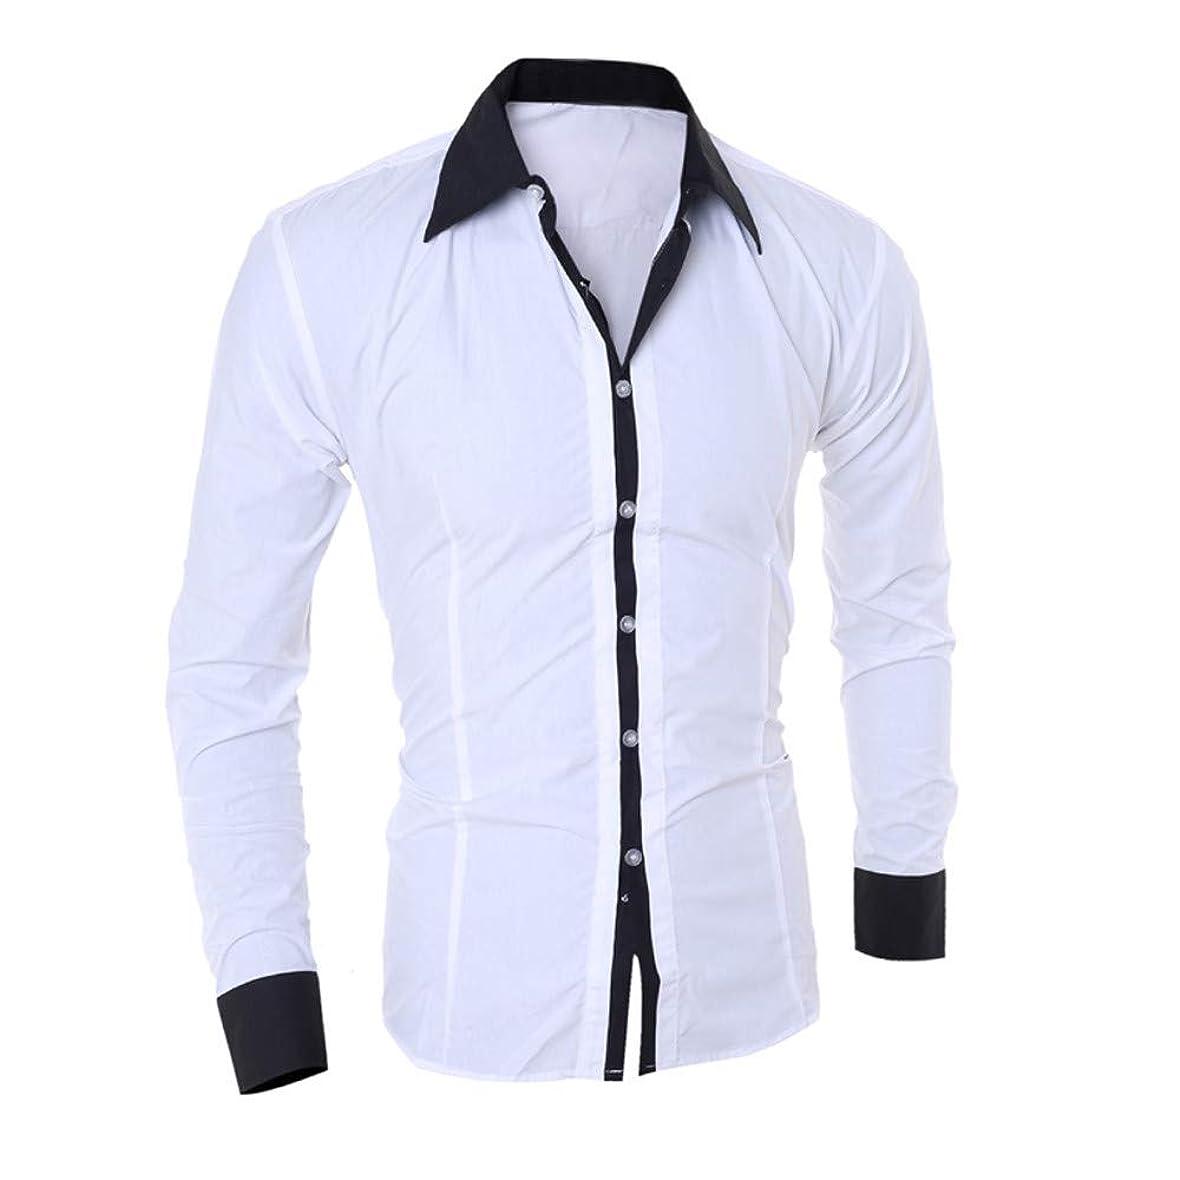 明らかに可能こどもセンターテーラードジャケット メンズ 7分袖 長袖 ワークシャツ ビジネスシャツ 細身 ジャケット 春夏 タイト サマージャケット ジャケット メンズ カジュアル ジャケット ビジネス ストレッチ ブラック ベージュ ビジネス カジュアル